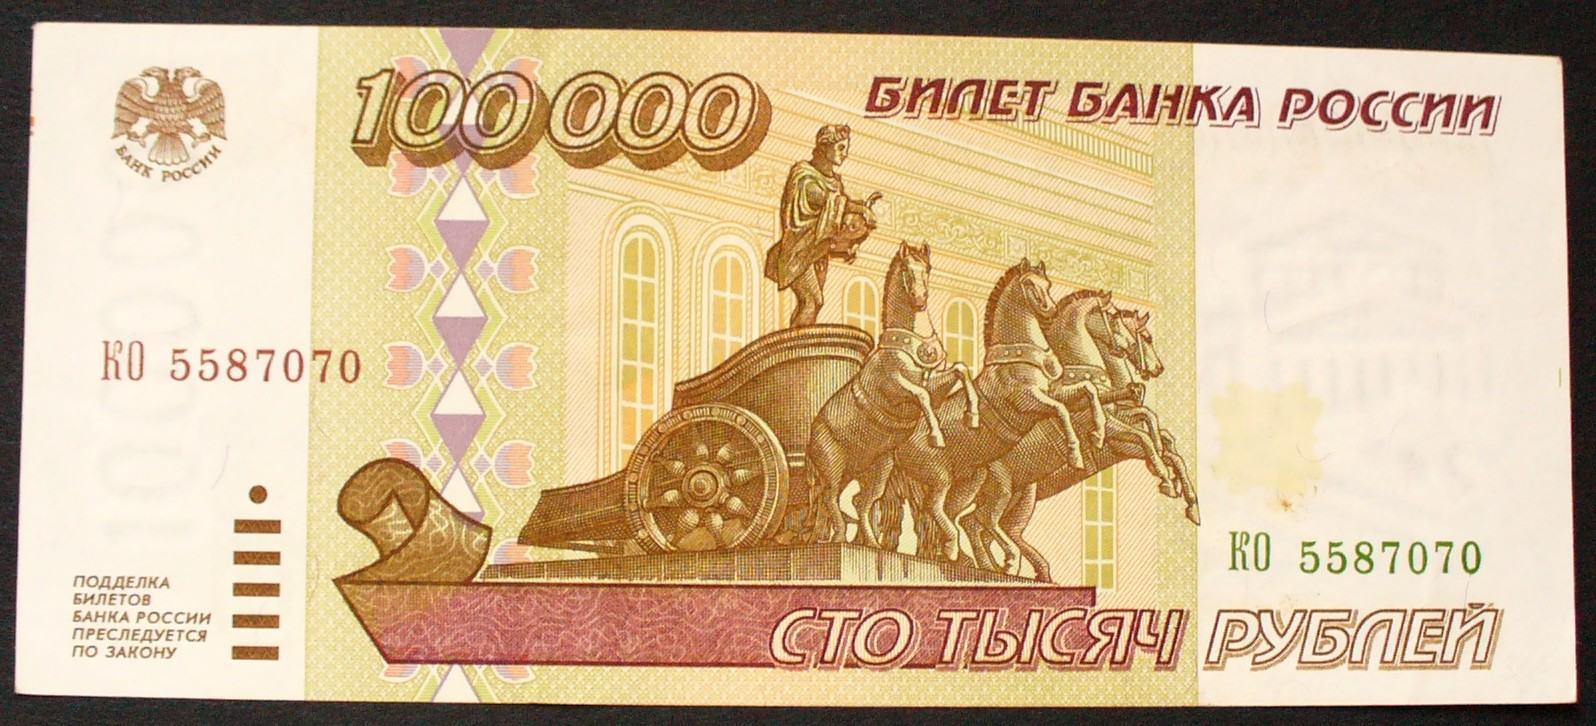 P 265 Russland (udssr) 100 000 Rubel 1995